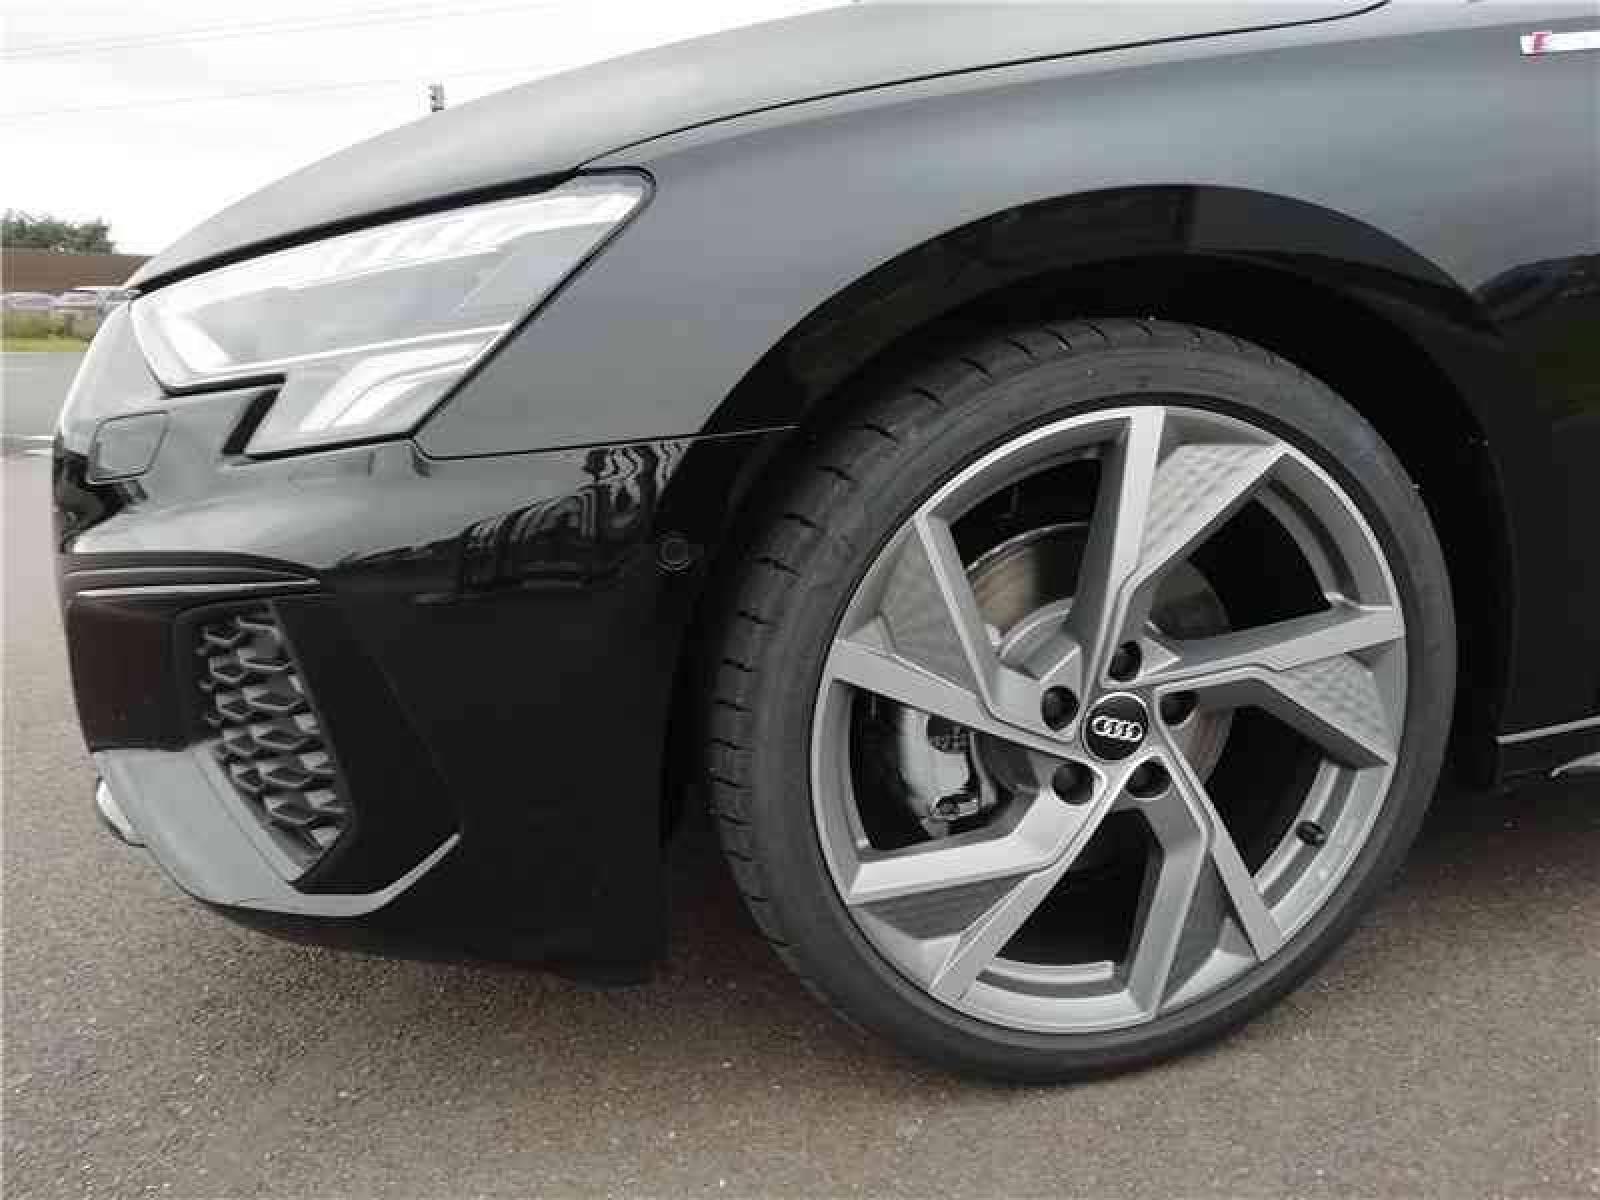 AUDI A3 Sportback 35 TFSI 150 S tronic 7 - véhicule d'occasion - LEMAUVIEL AUTOMOBILES - Présentation site web V2 - Lemauviel Automobiles - VIRE - 14500 - VIRE - 5